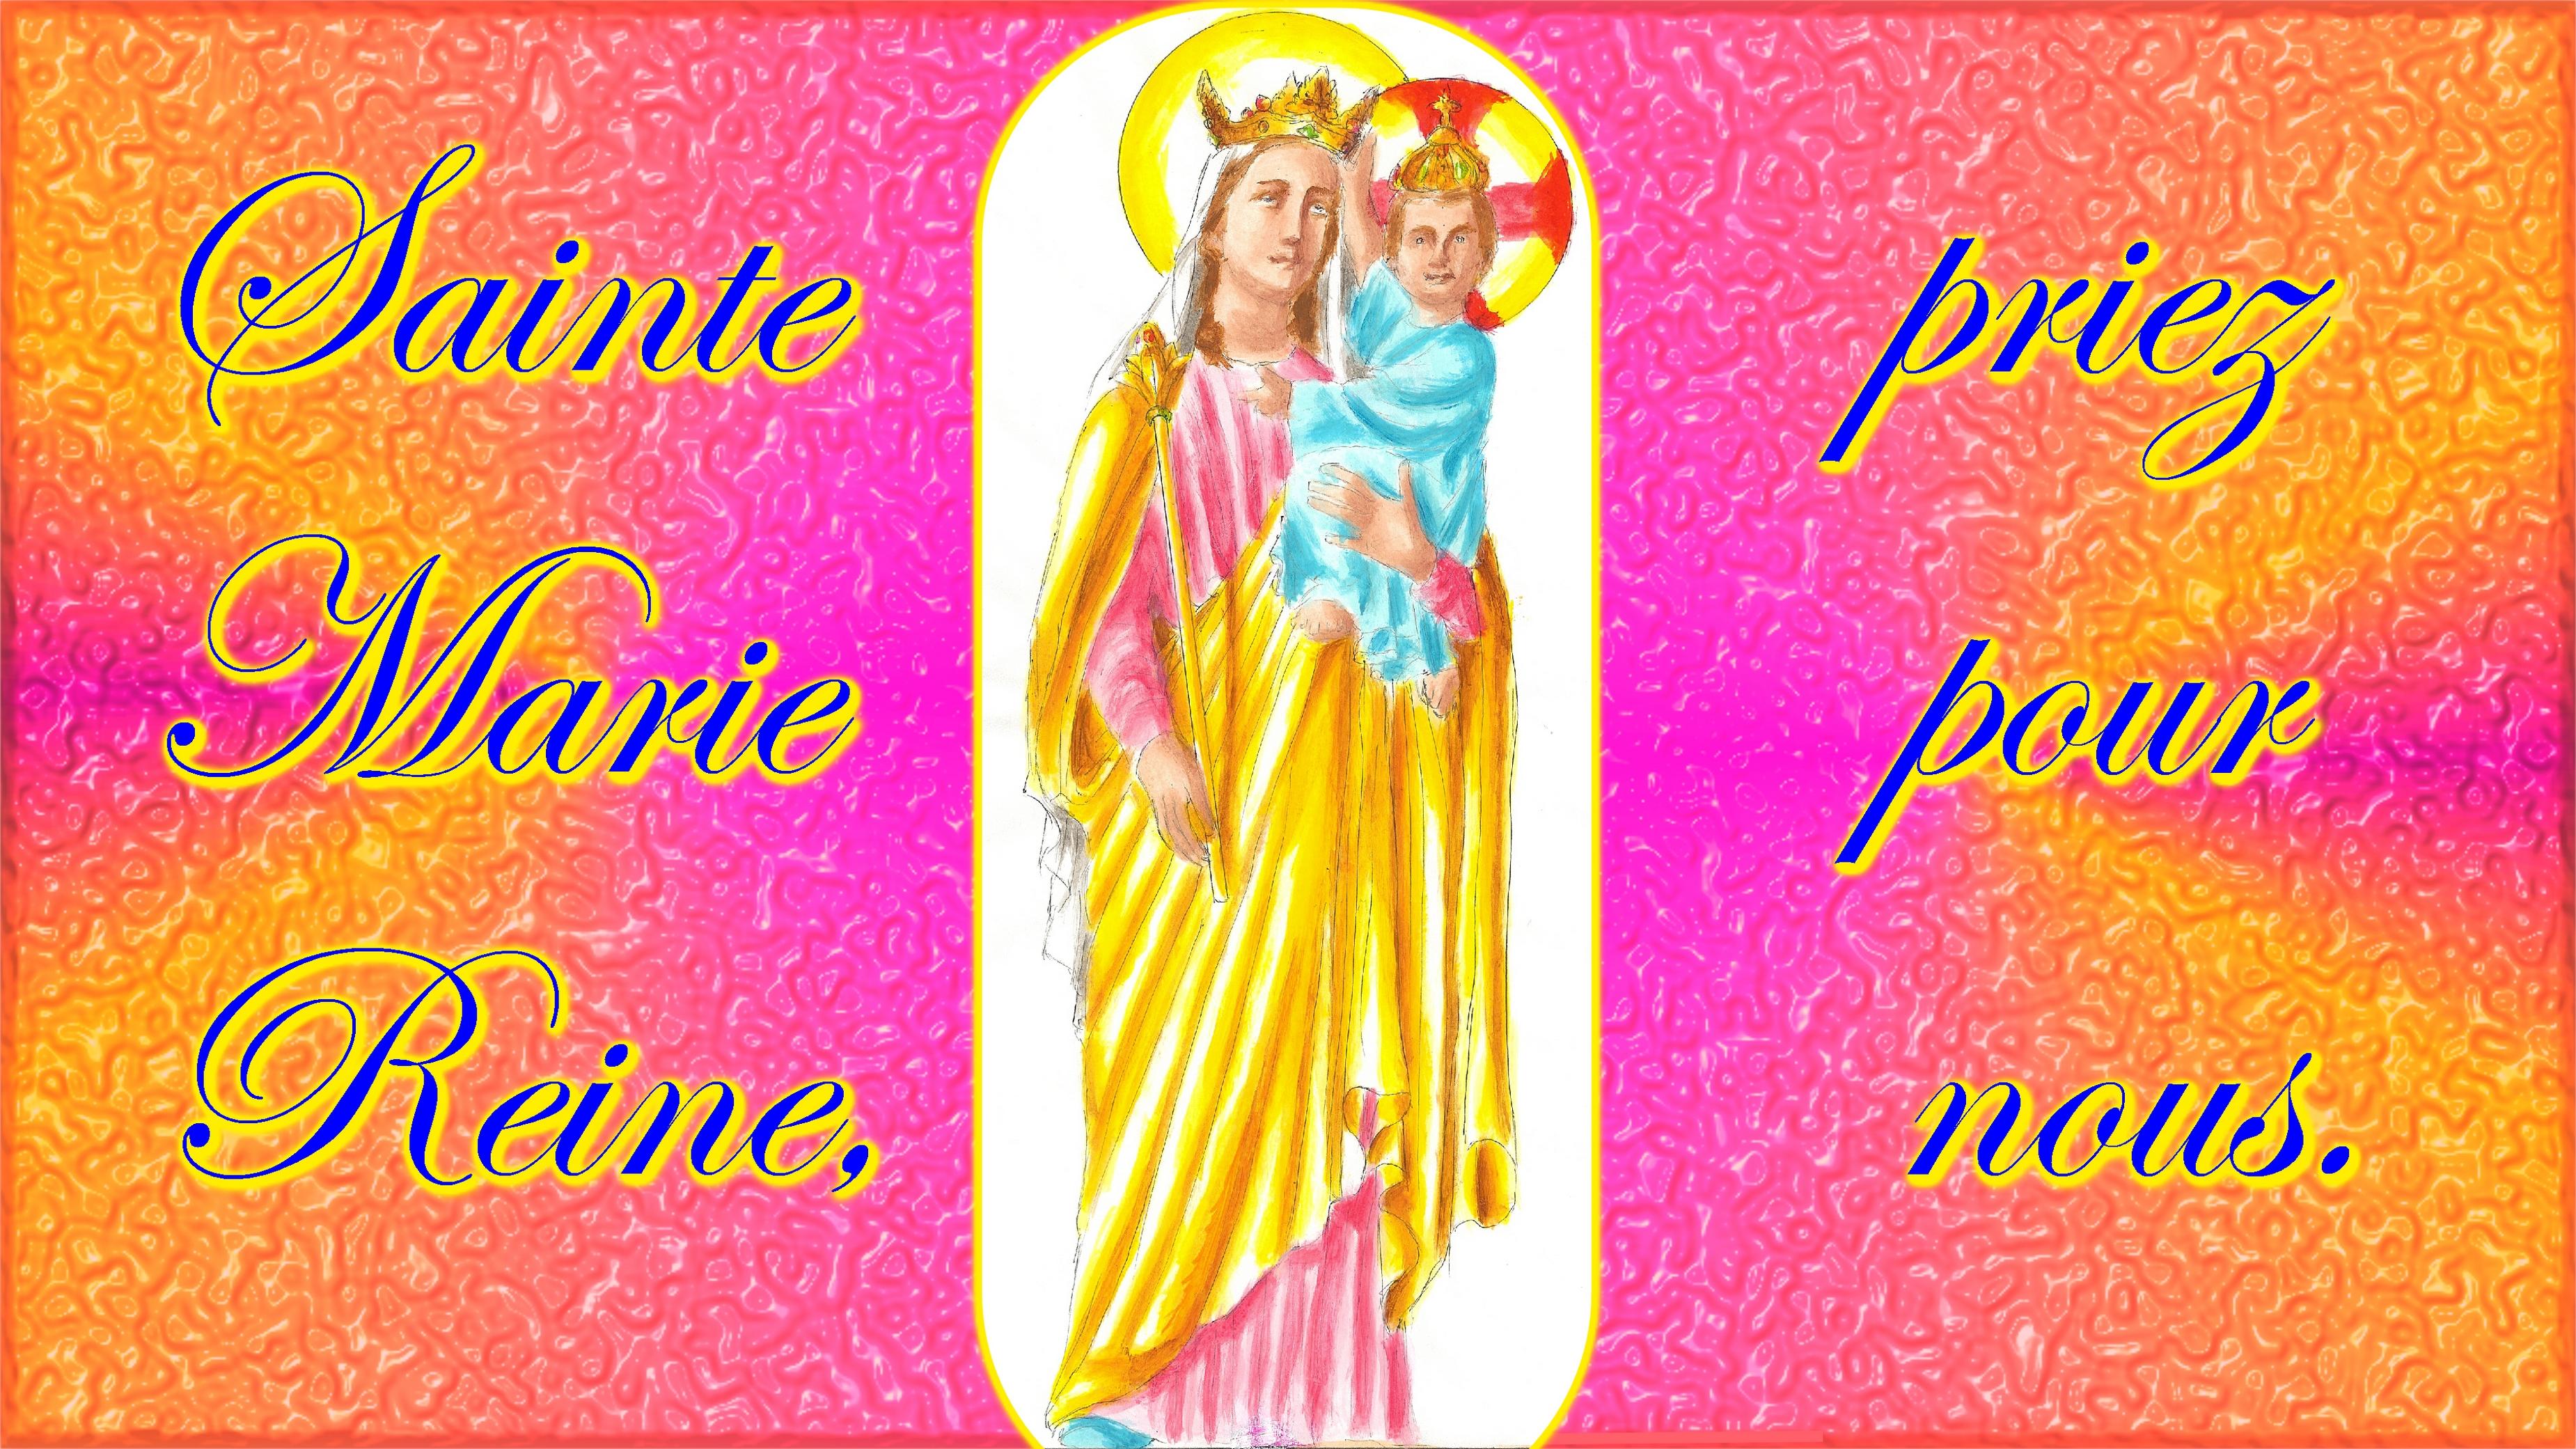 CALENDRIER CATHOLIQUE 2020 (Cantiques, Prières & Images) - Page 16 Ste-marie-reine-564bcfa